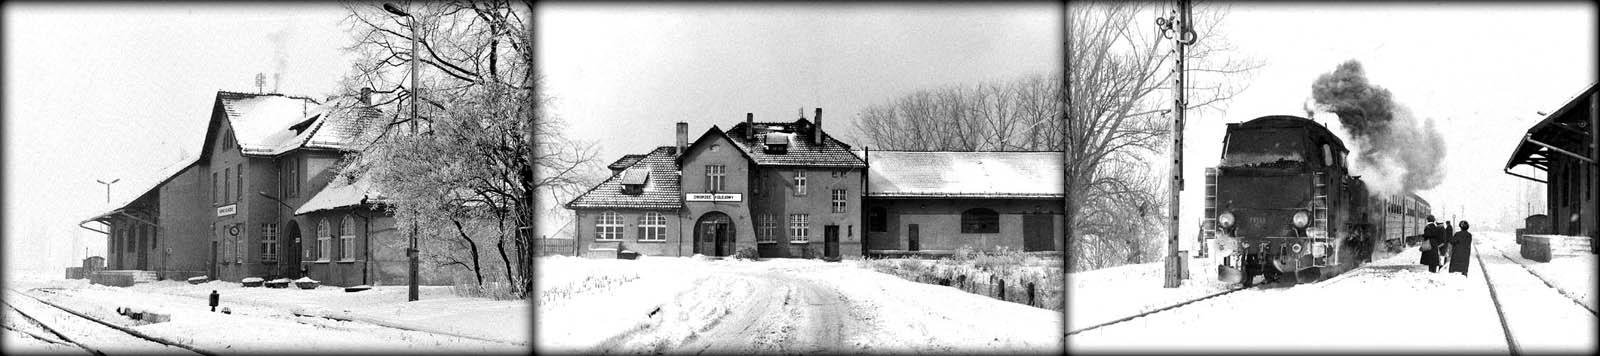 Kępno Zachodnie w dniu 12.02.1991. Tkt48-129 z Kępna do Namysłowa.